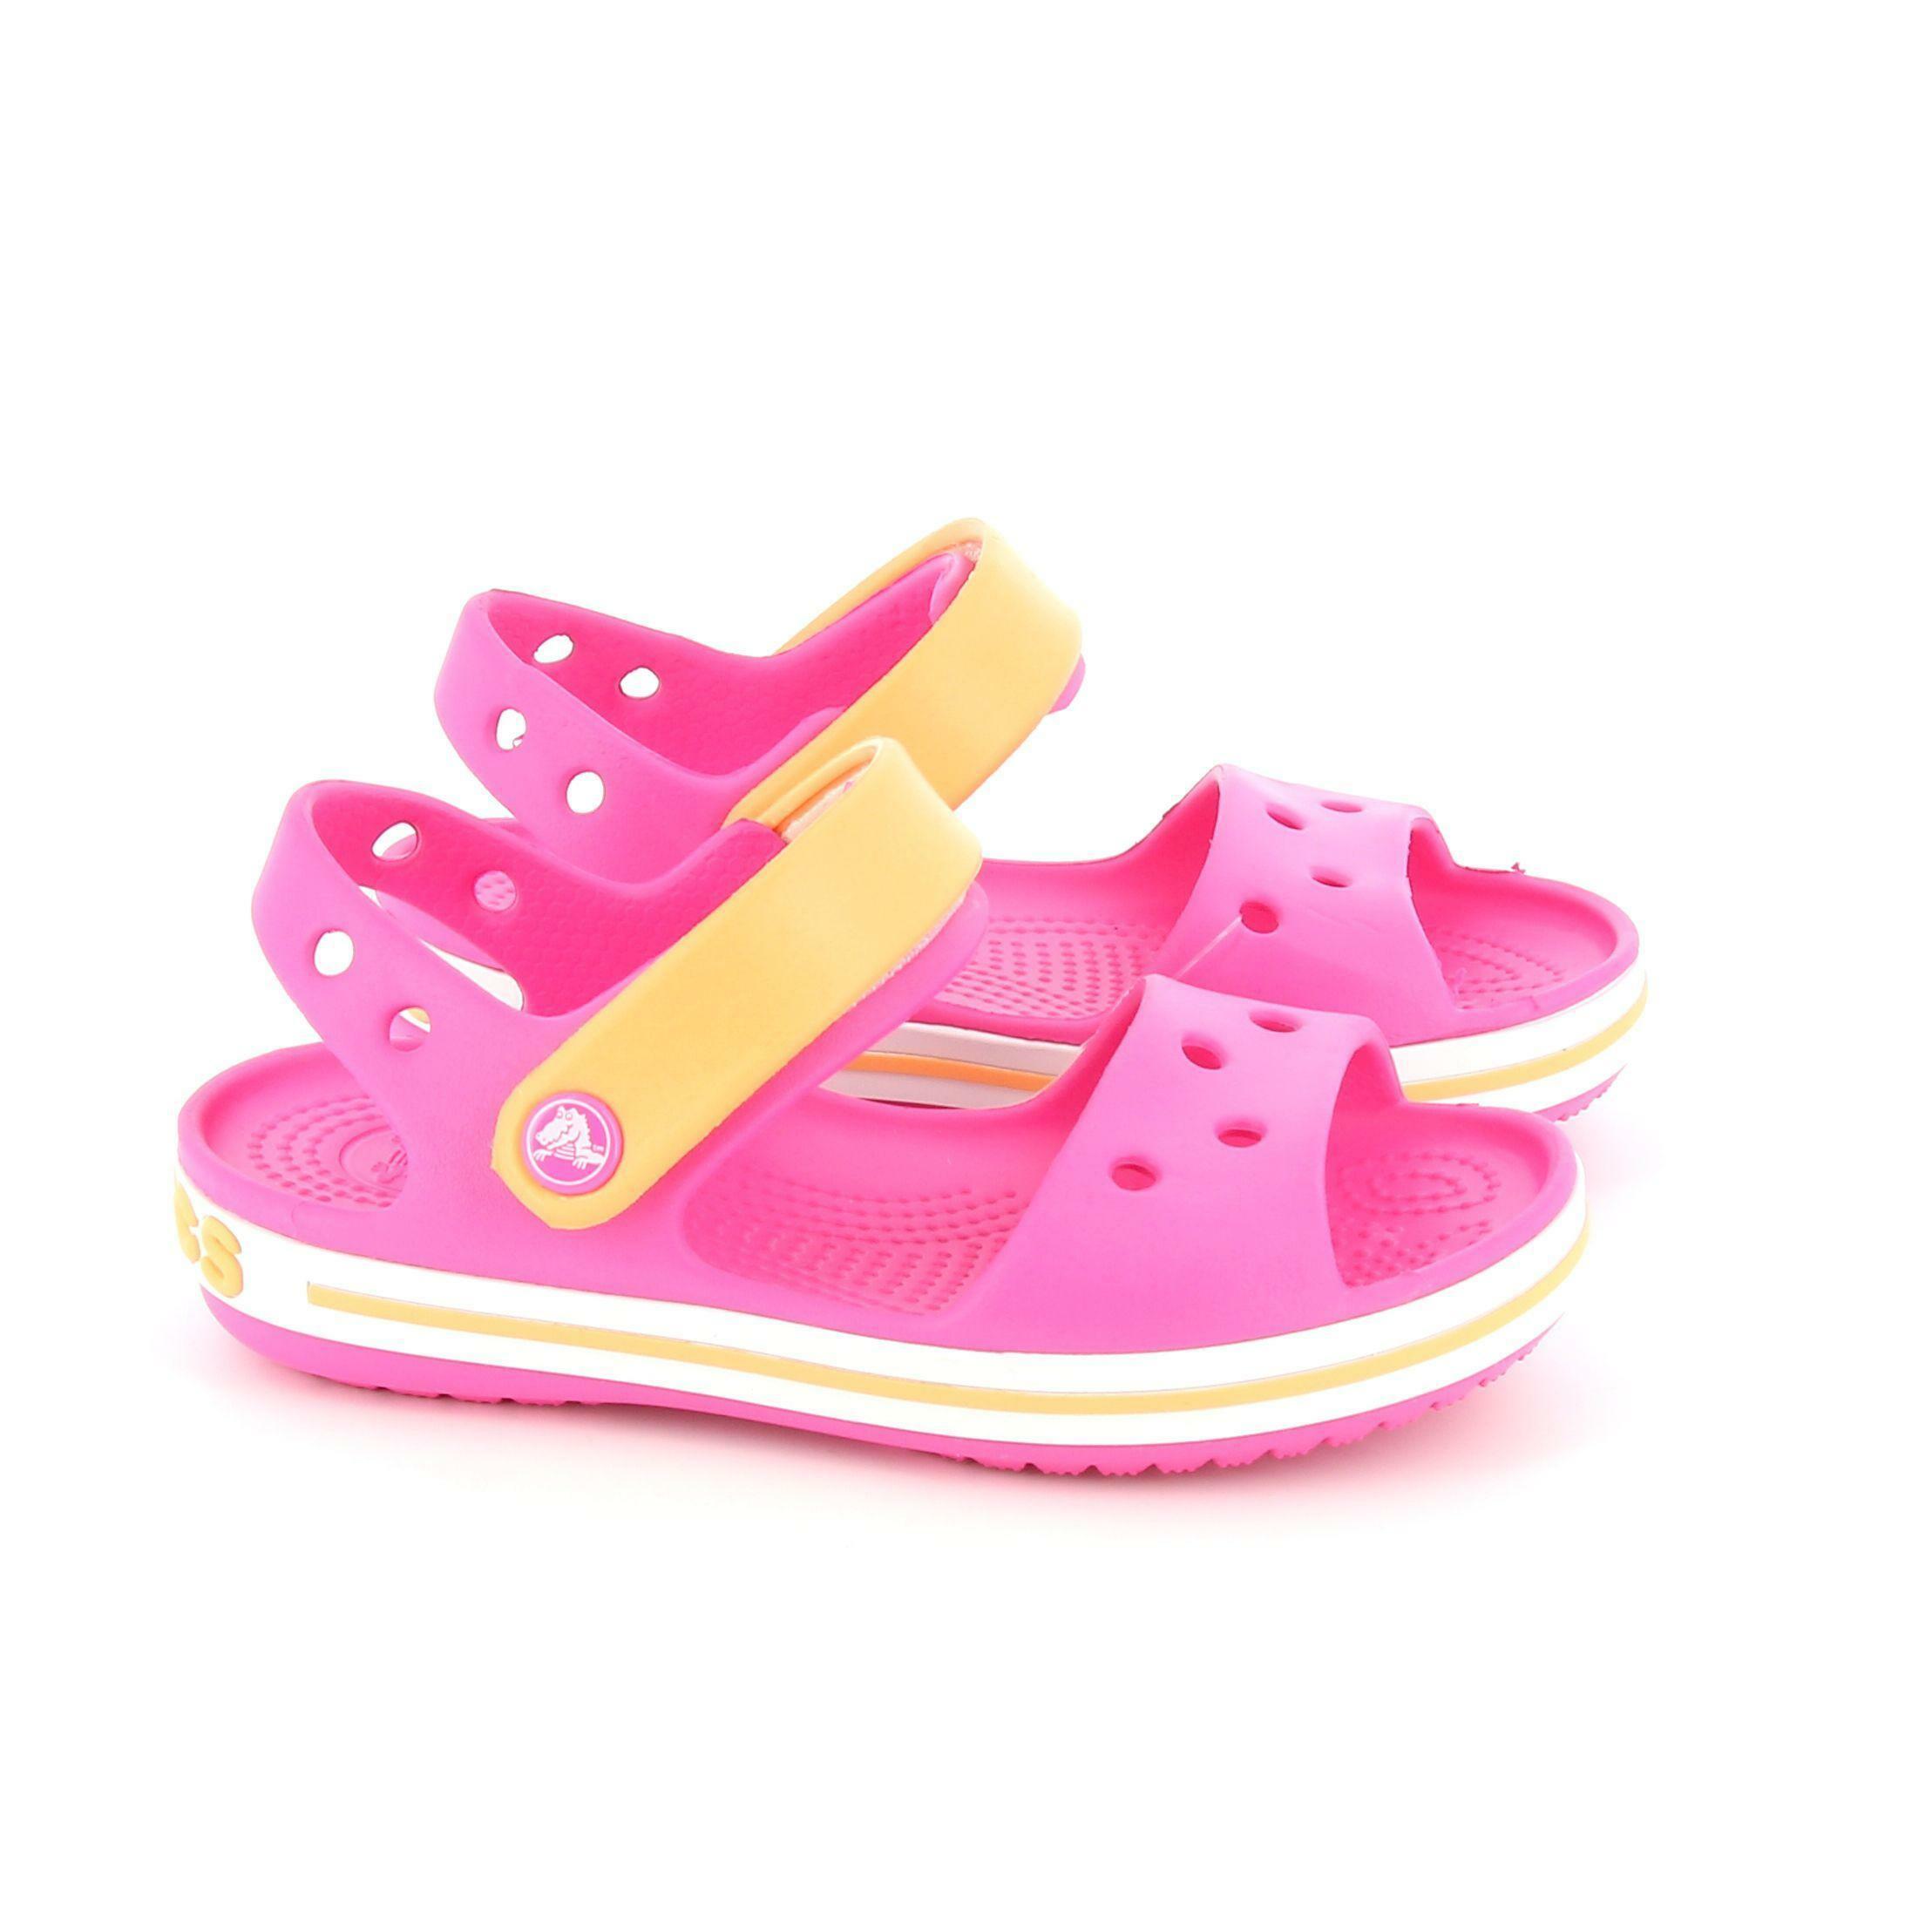 crocs crocs ciabatte bimba 12856 rosa sandalo con cinturino alla caviglia